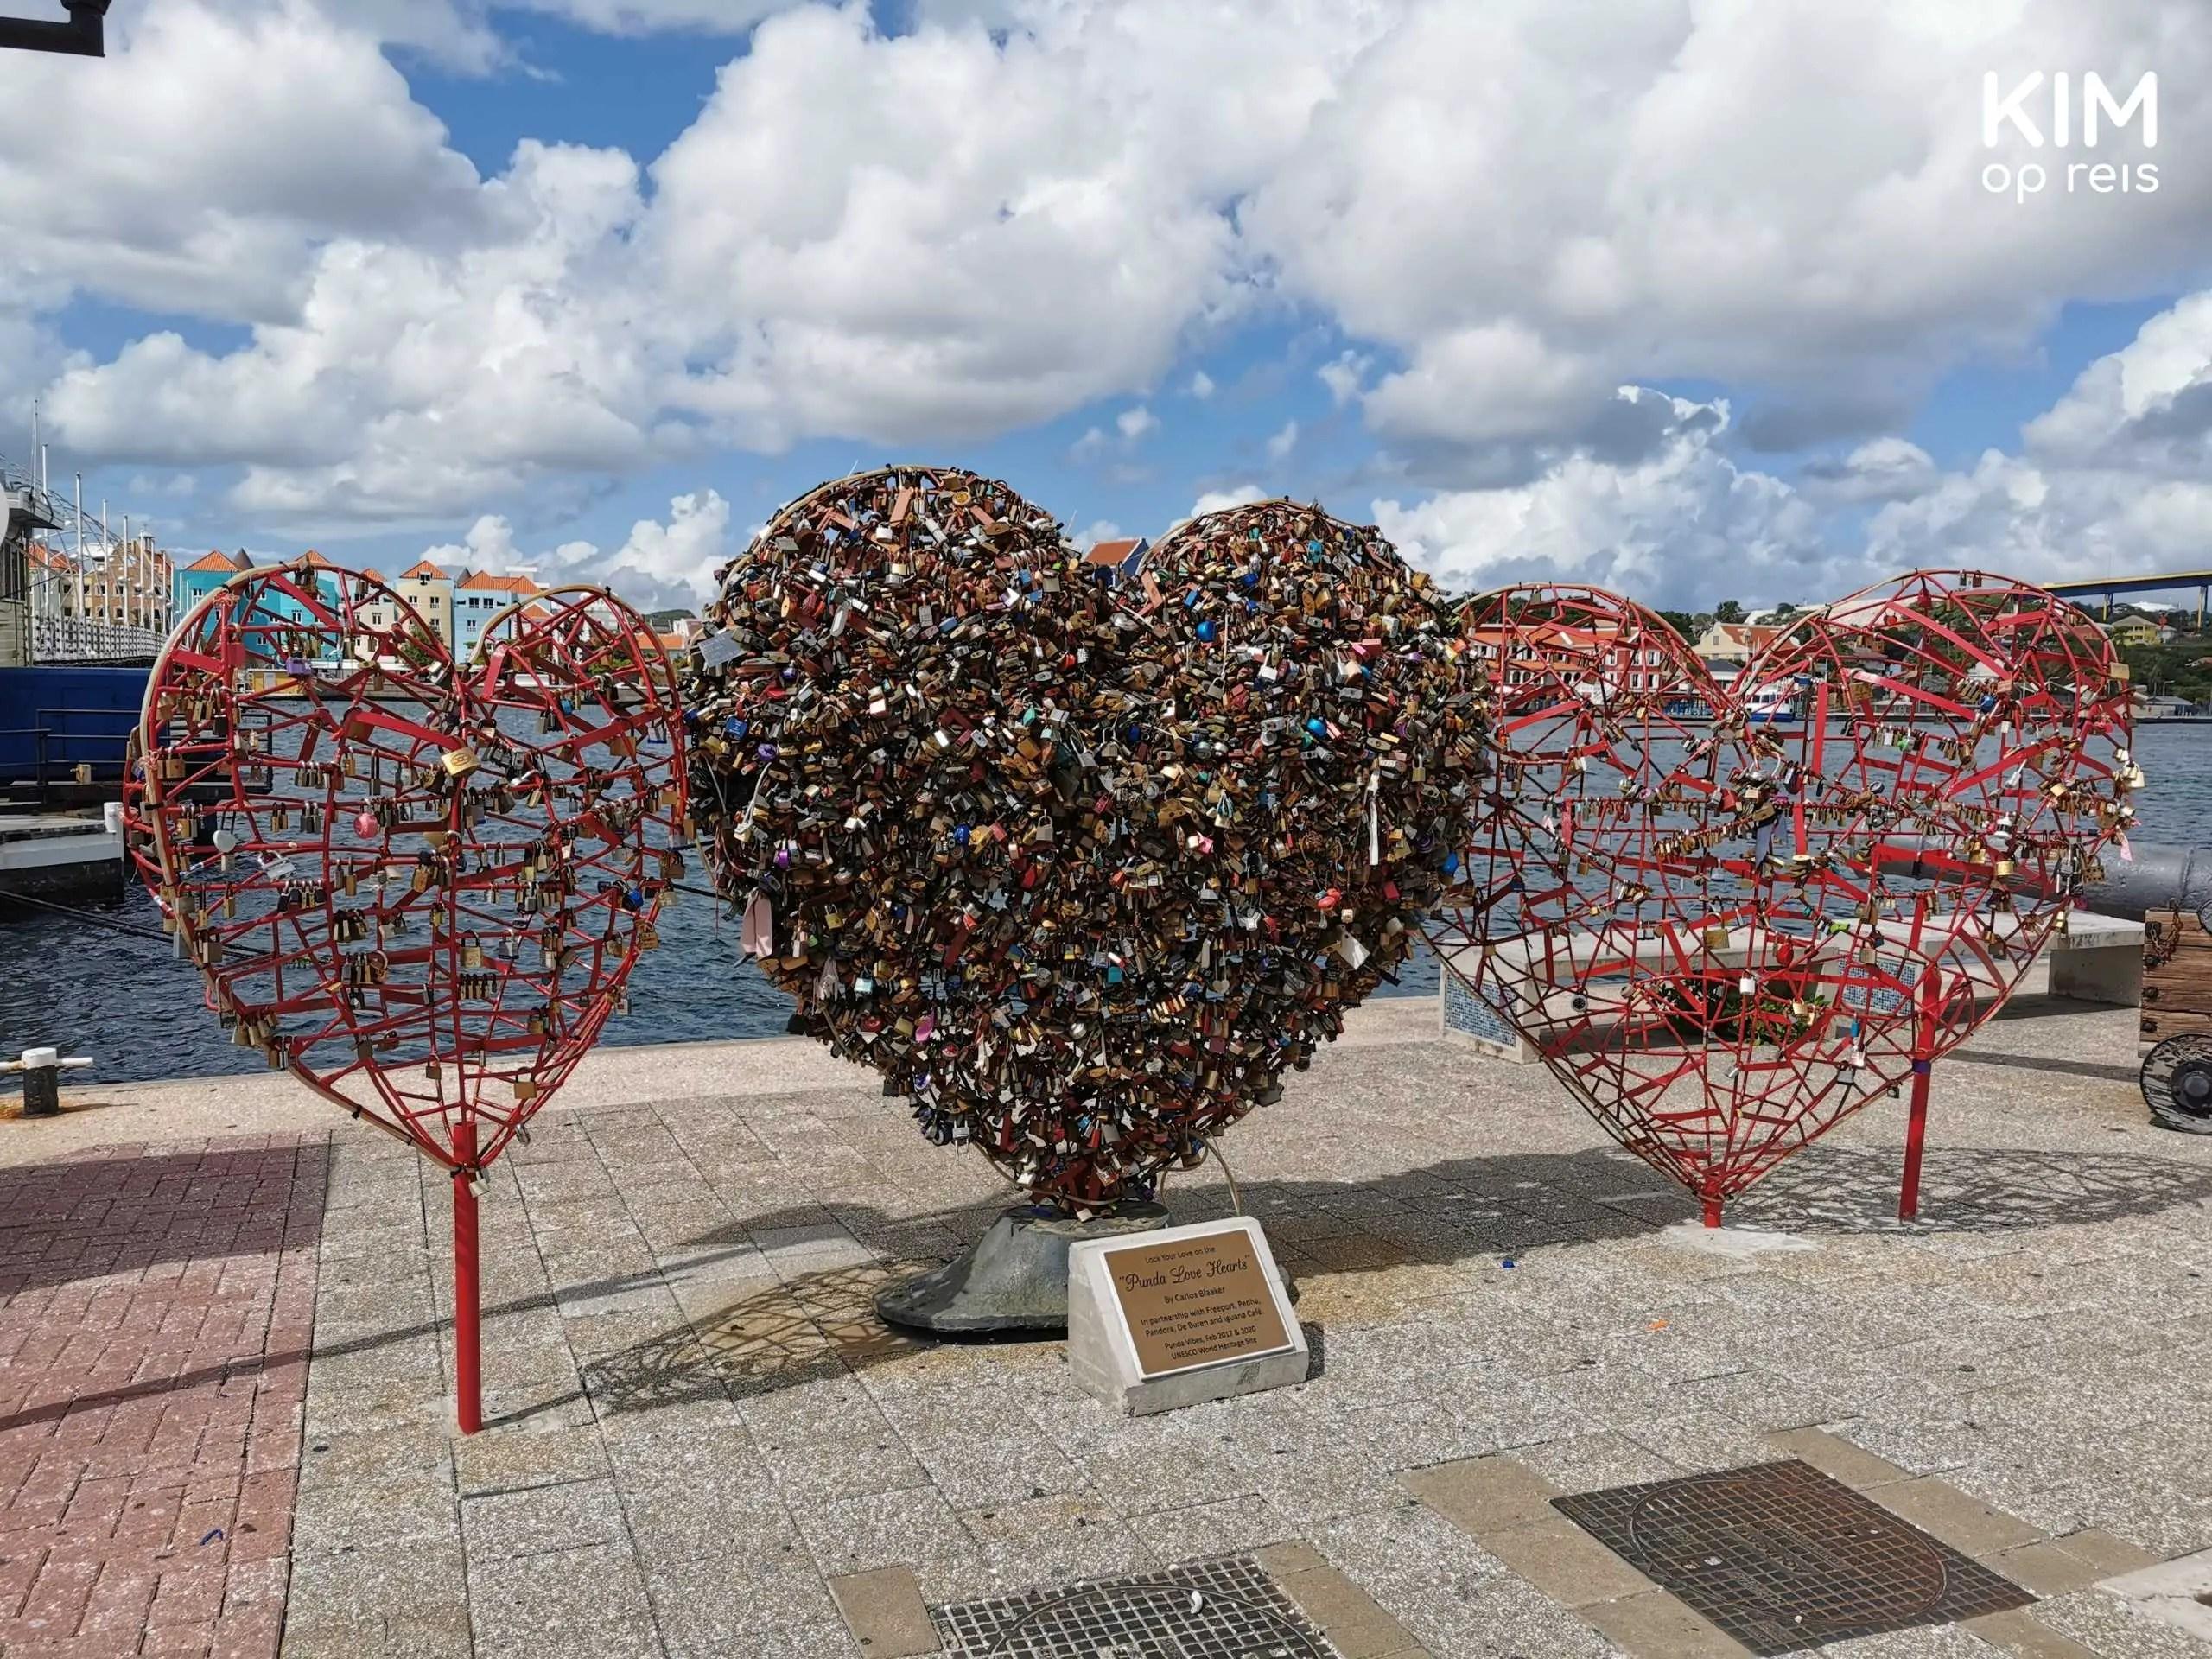 Willemstad Punda Love Heart: drietal grote harten, waarvan de middelst al volgehangen is met slotjes